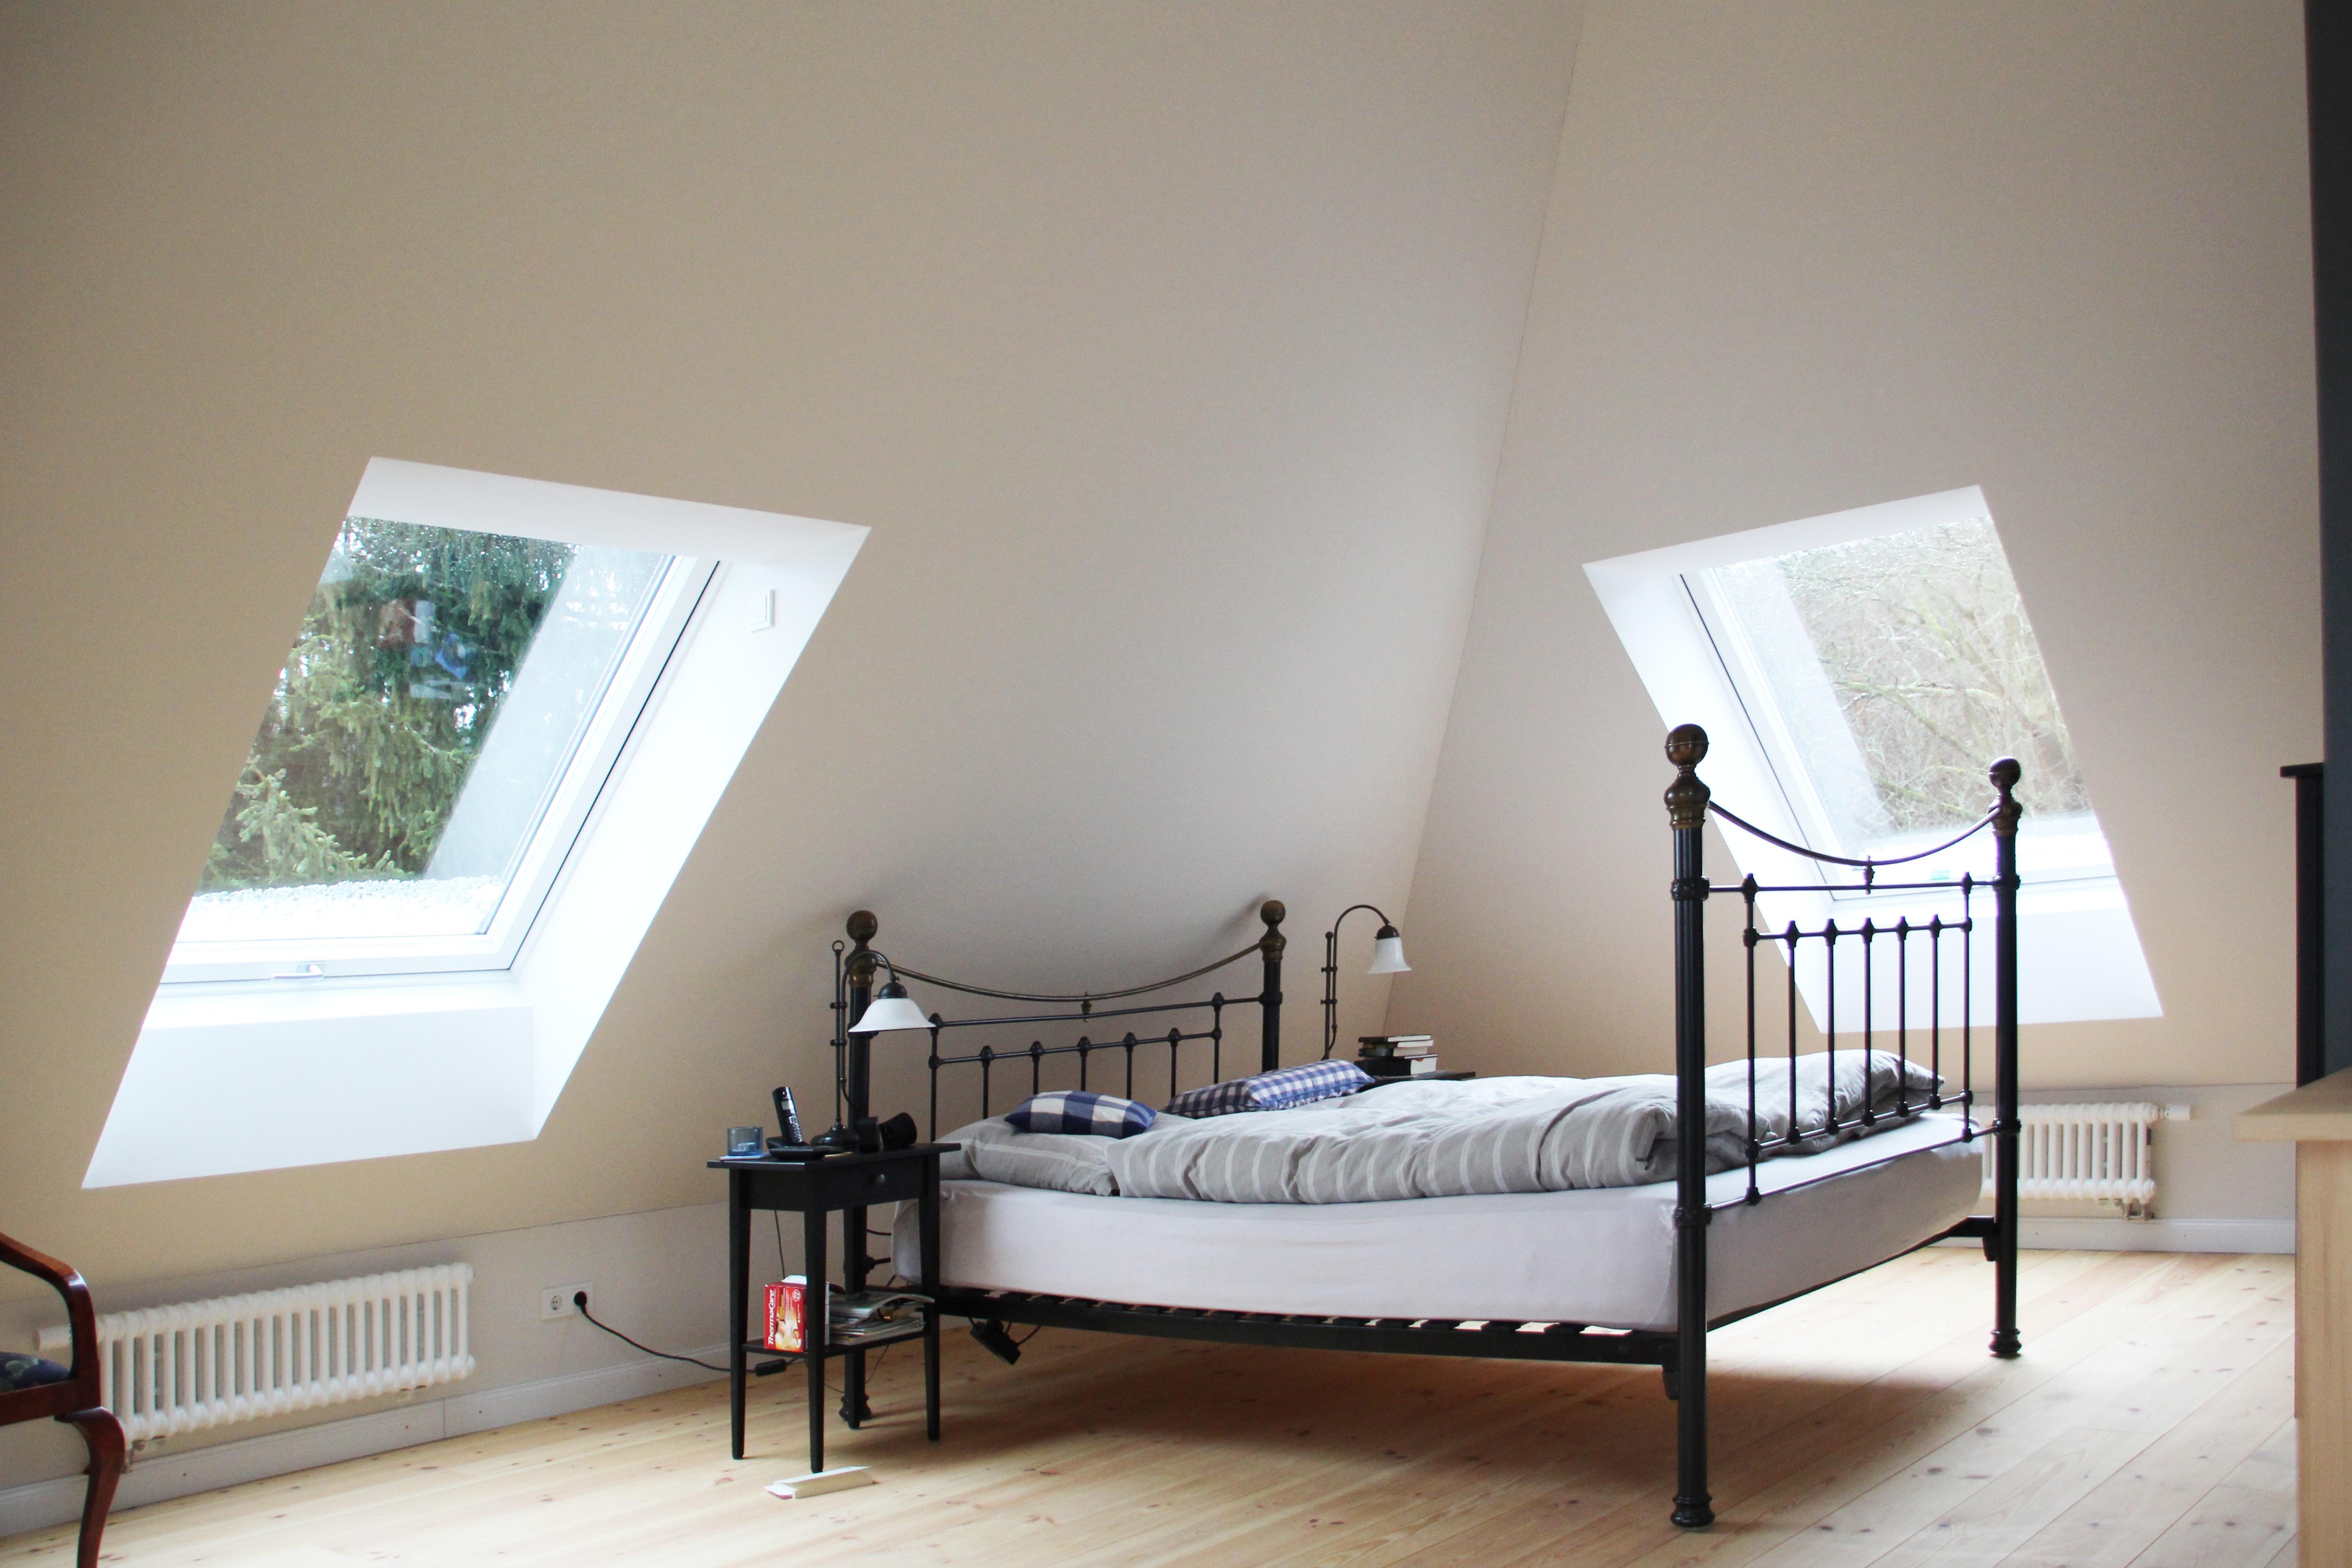 Dachgeschoss Innenraum